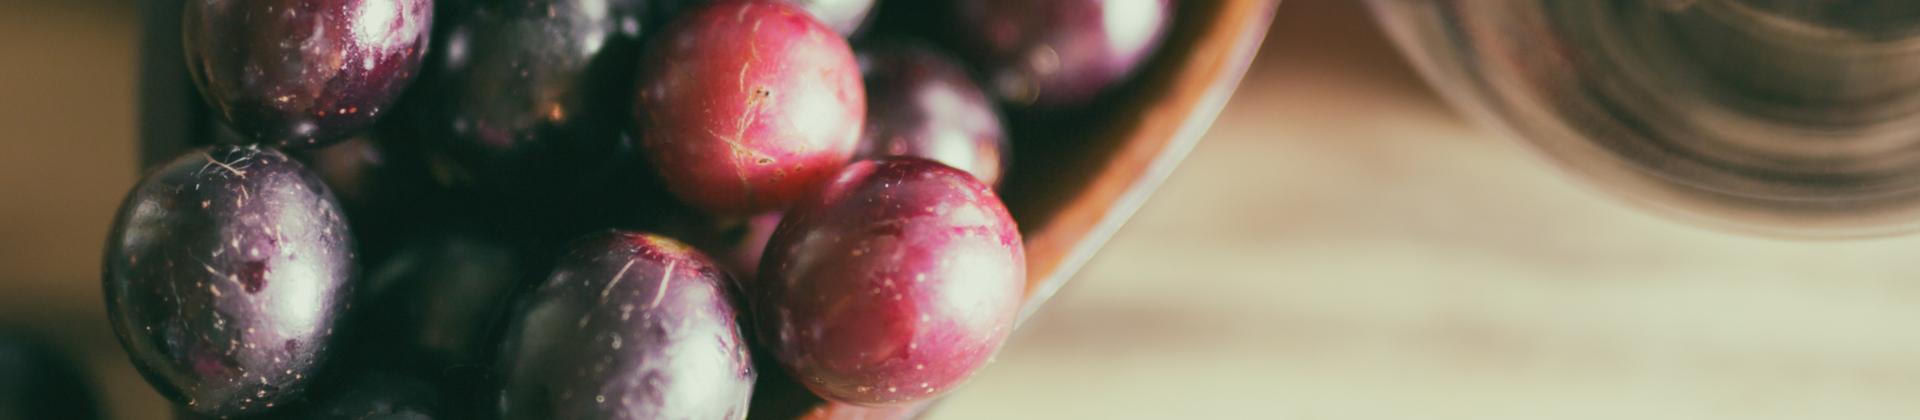 polifenoles propiedades alimentos